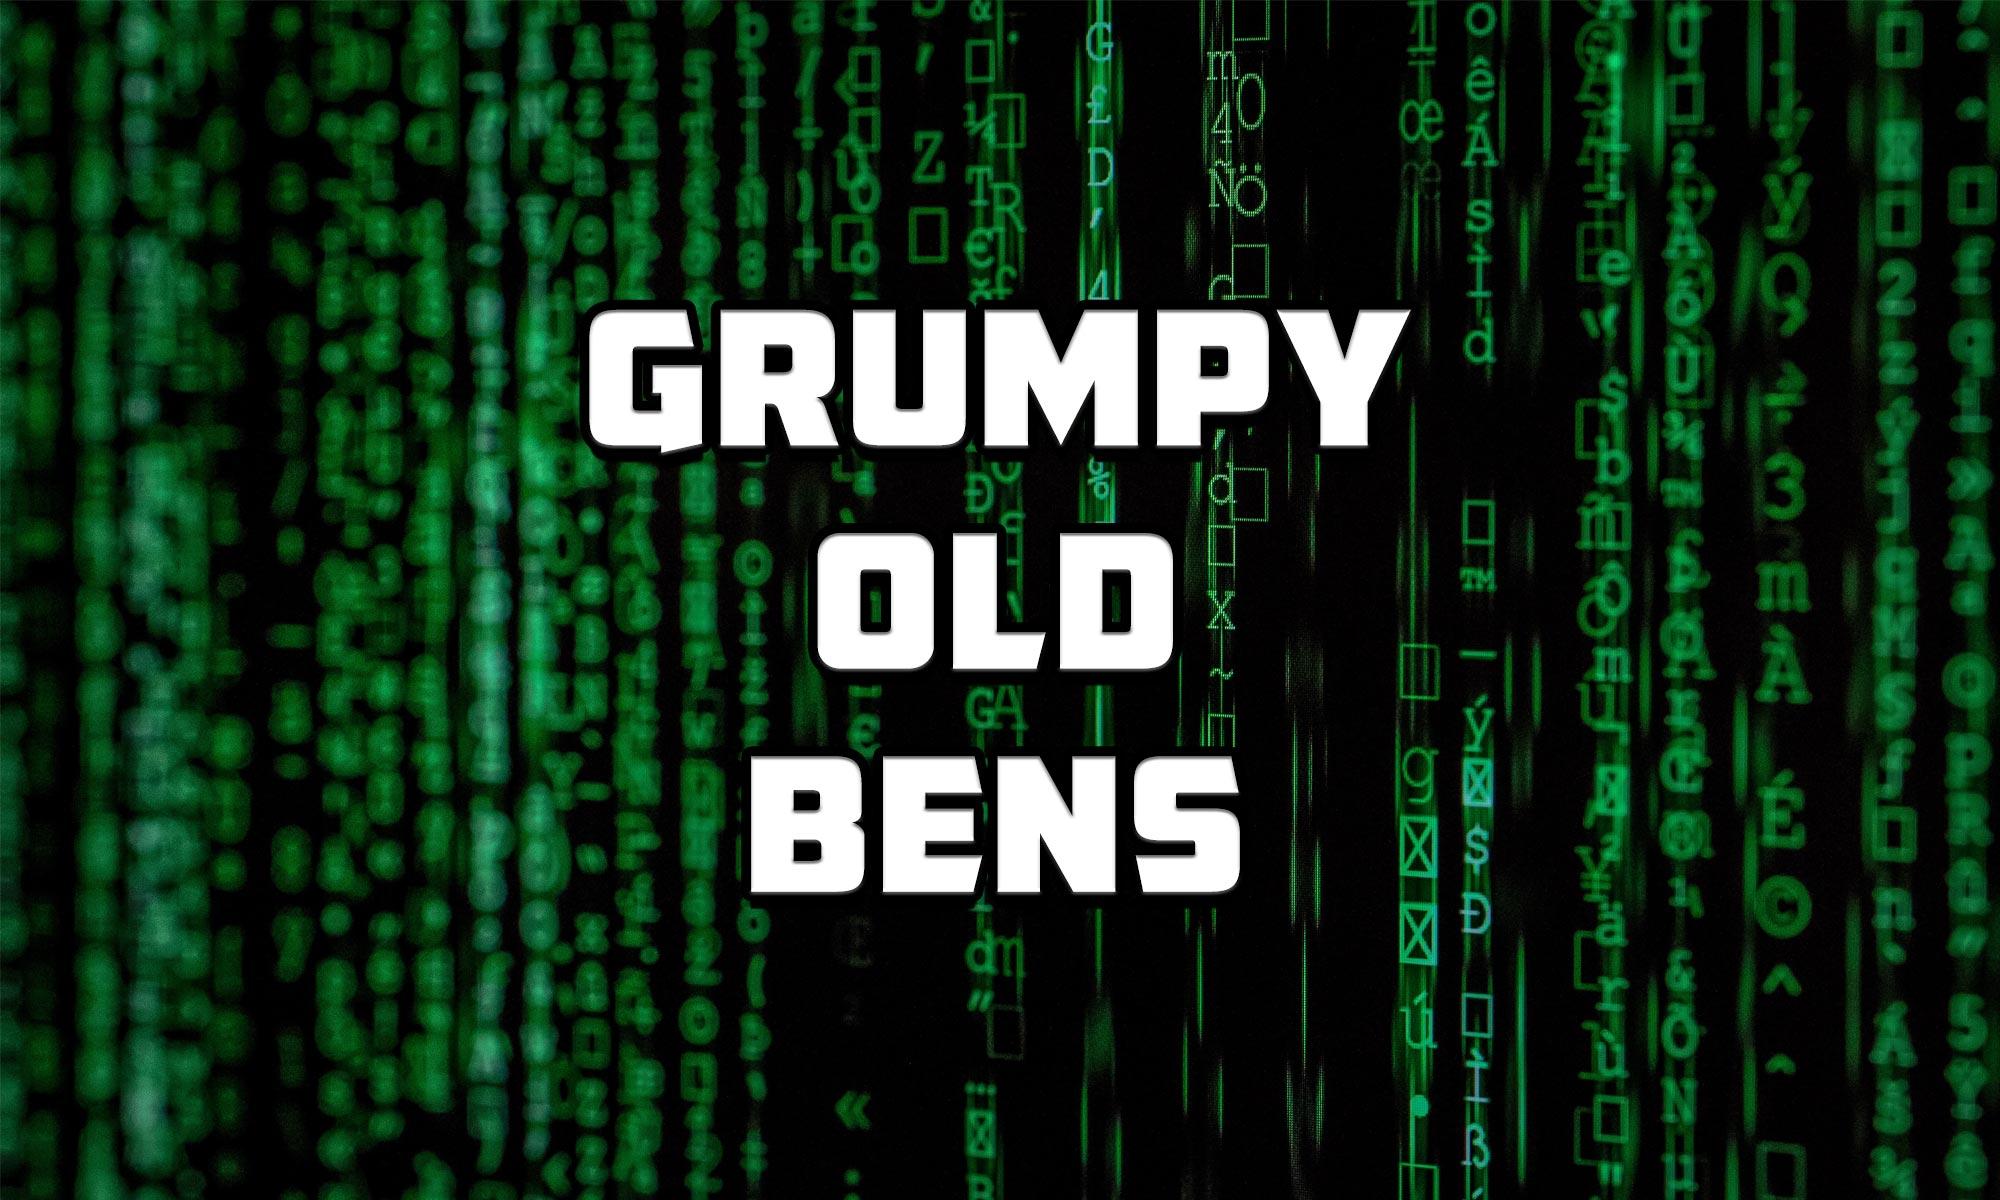 Grumpy Old Bens